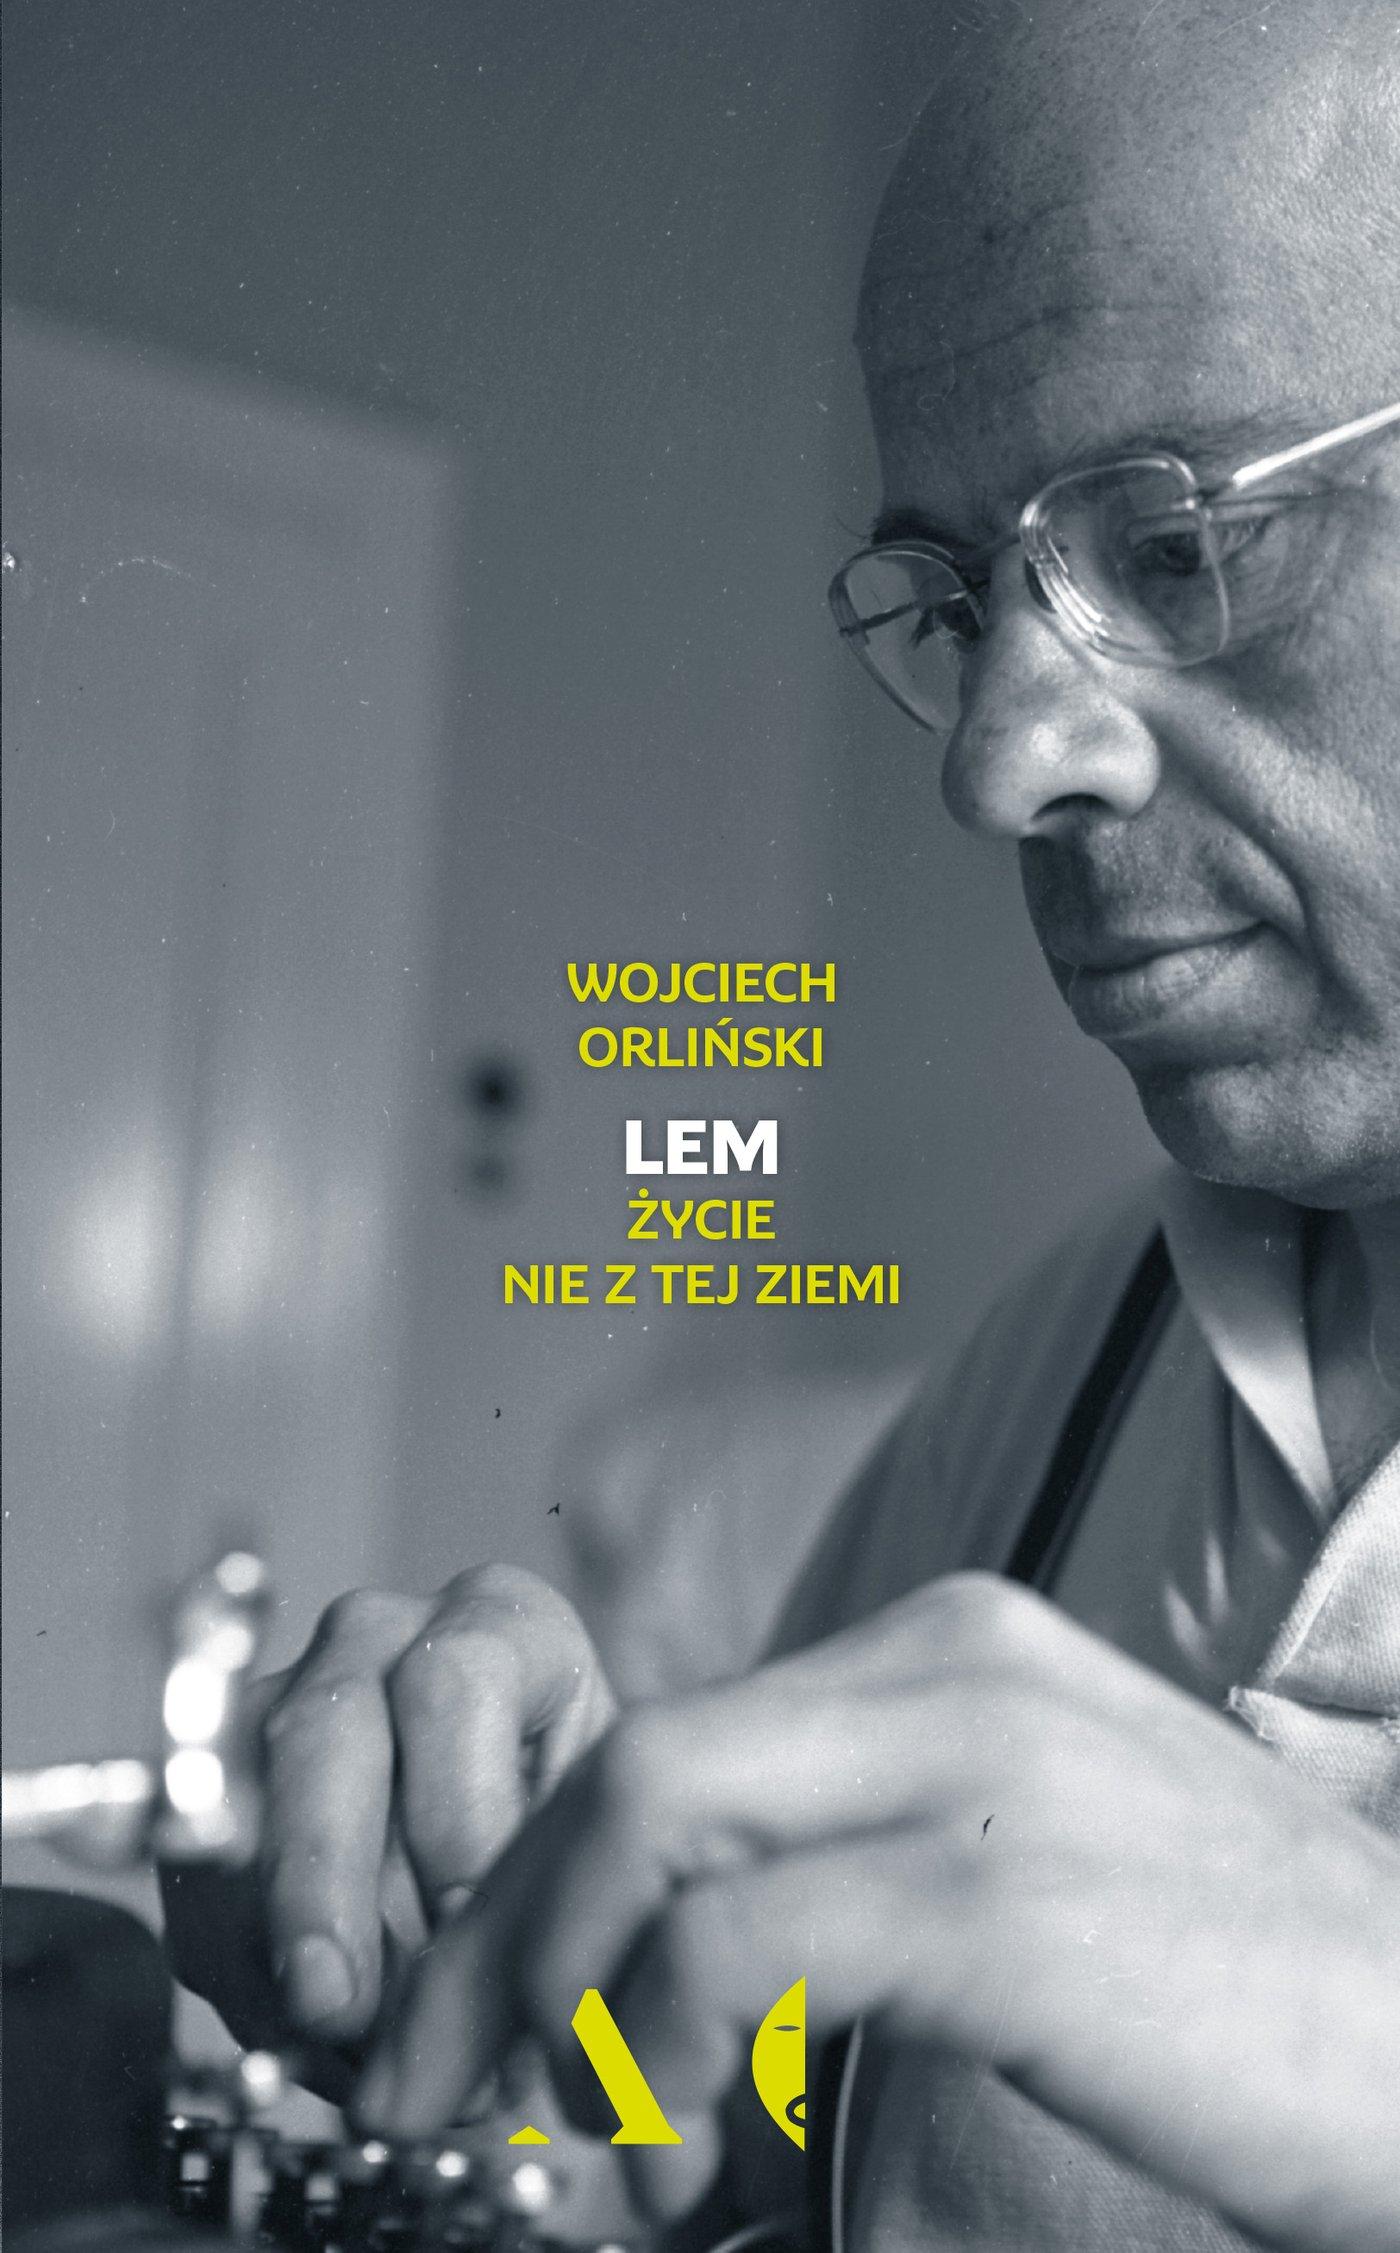 Lem - Ebook (Książka EPUB) do pobrania w formacie EPUB